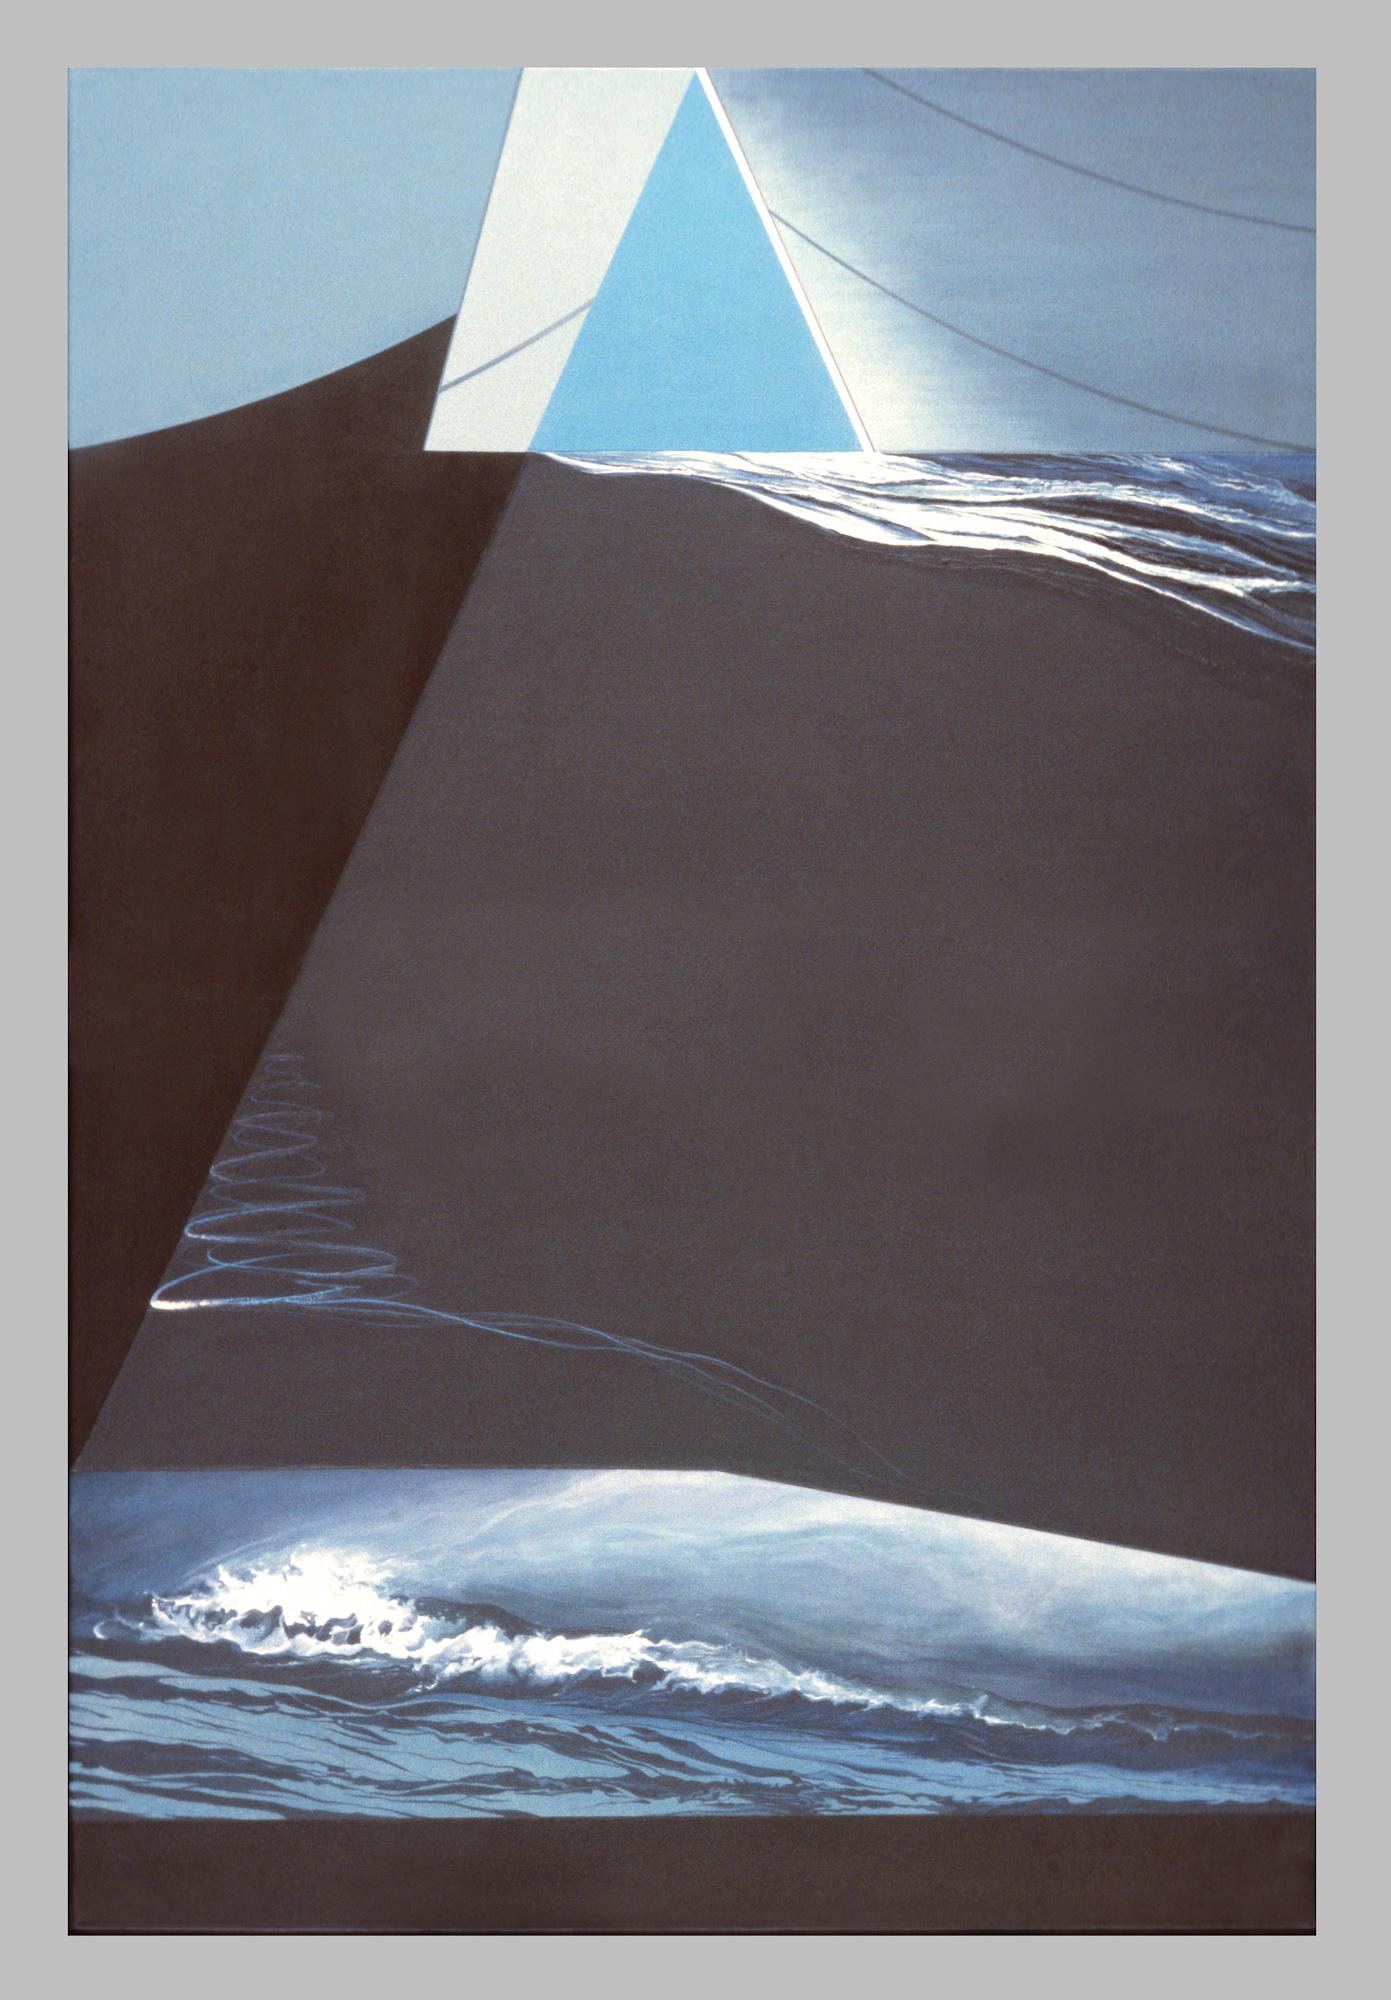 Étoile, 1984. Acrylique sur toile, 122 x 183 cm.